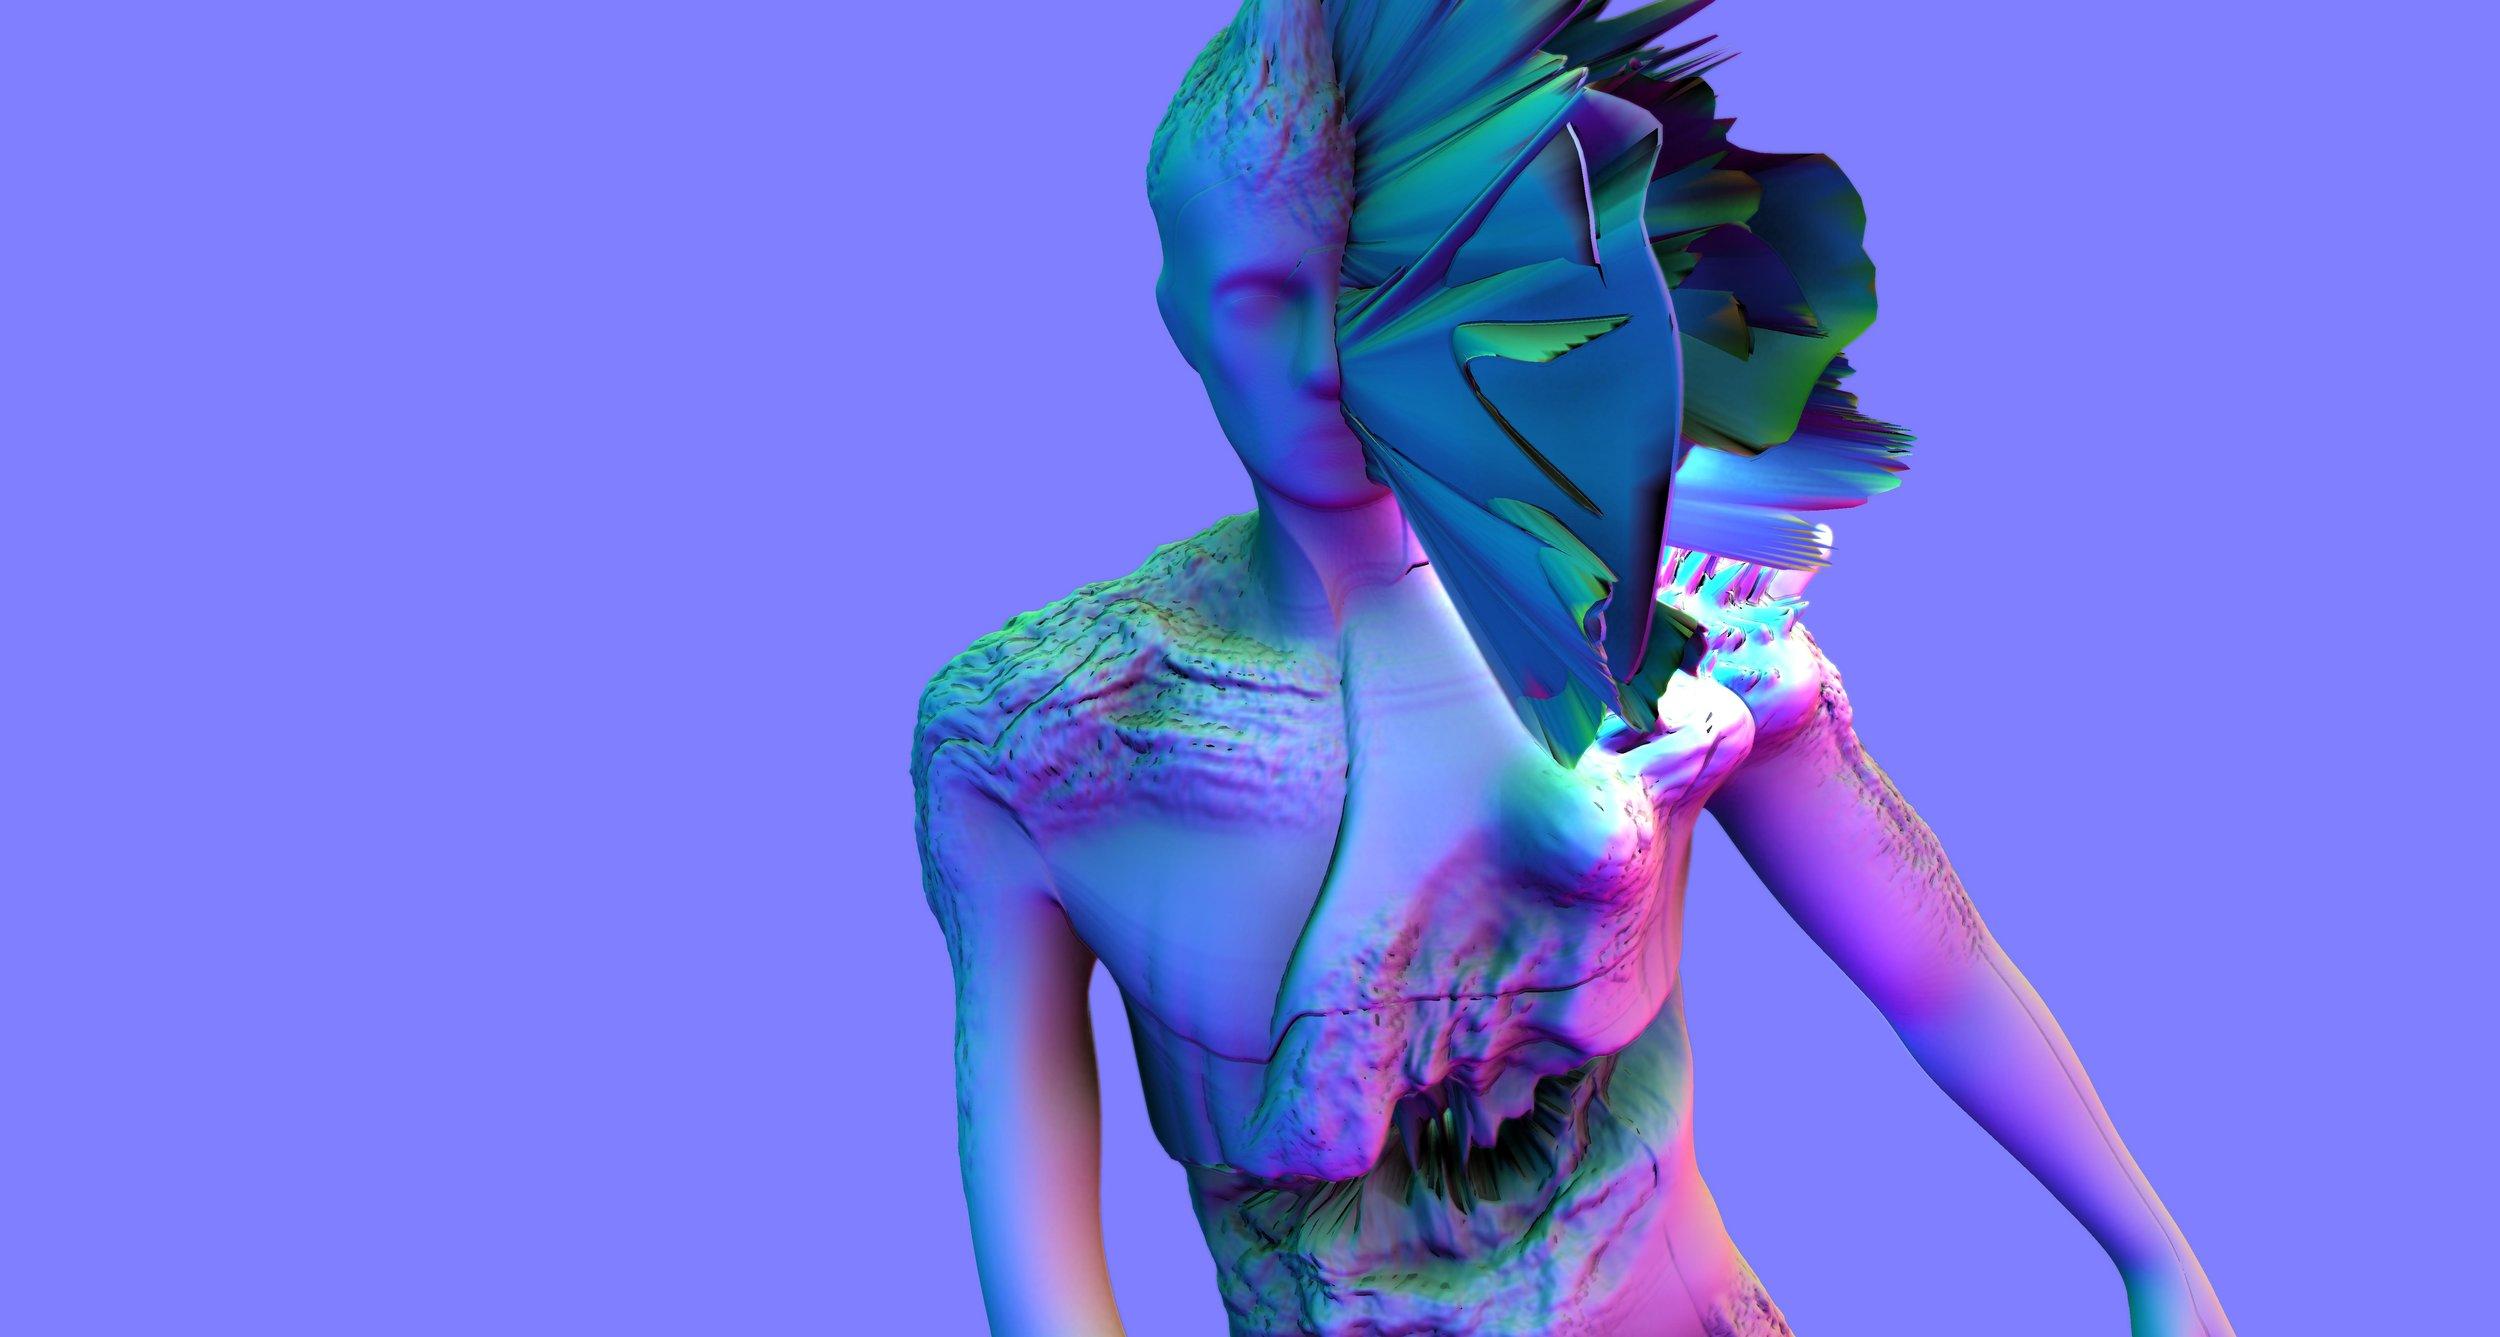 body in motion3.jpeg